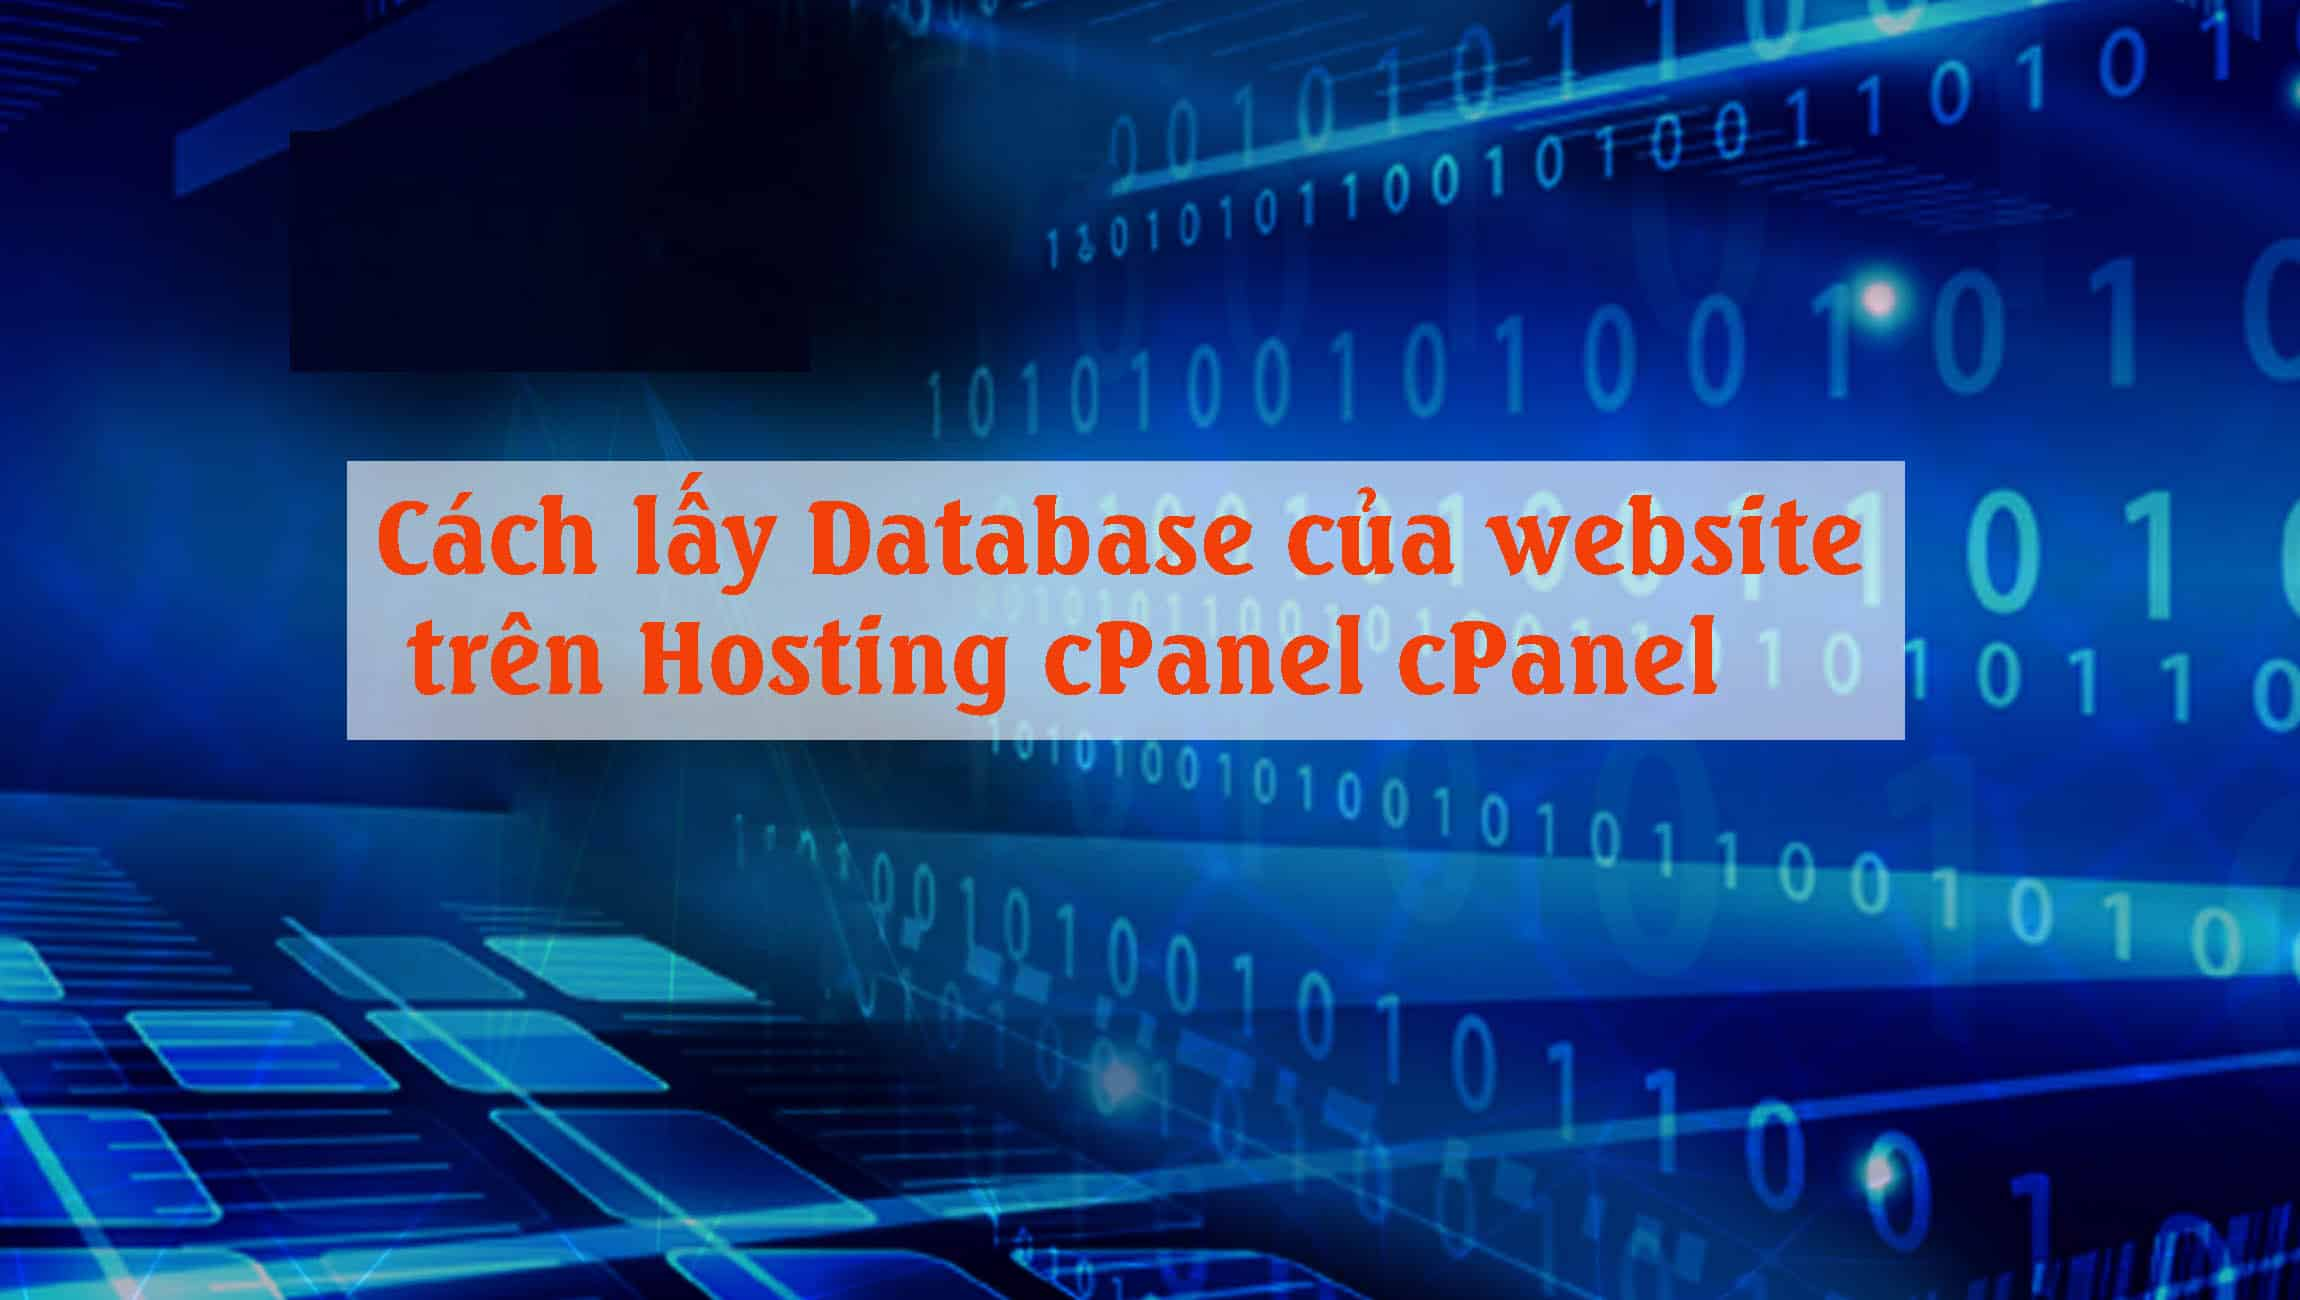 Cách lấy Database của website